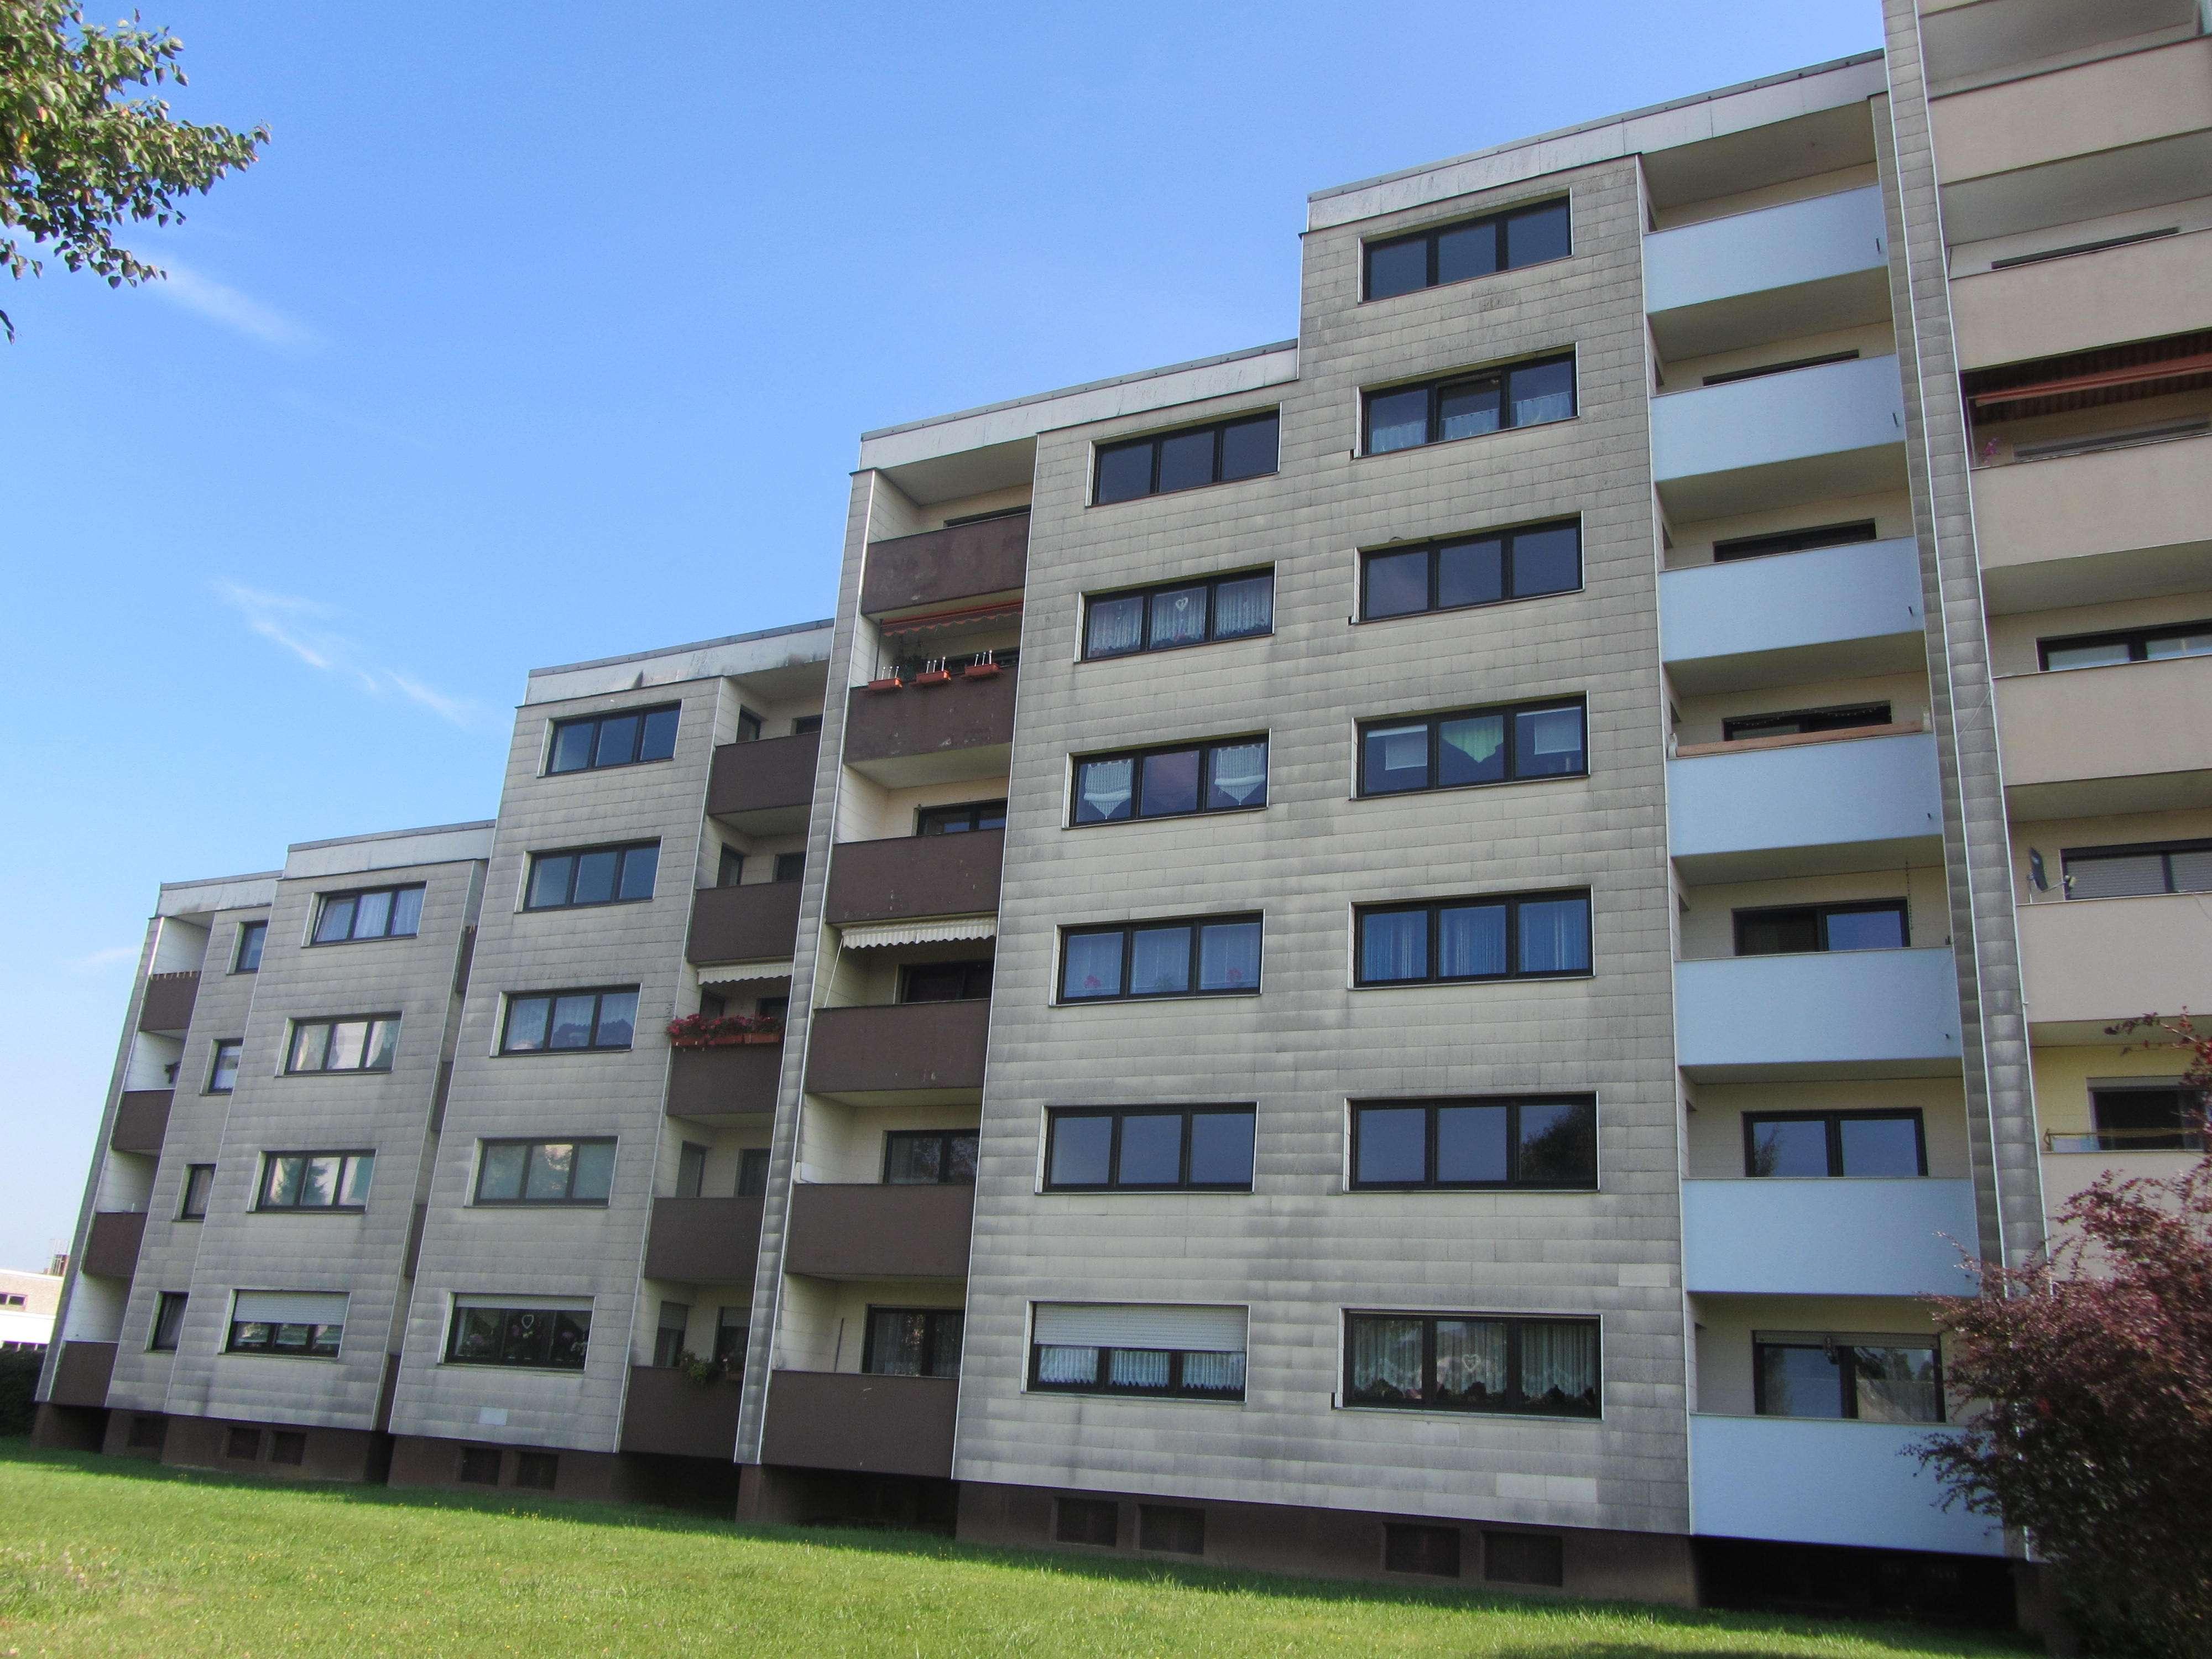 Helle, frisch renovierte 3-Zimmer Wohnung mit Balkon und neuem Bad in Mitterteich